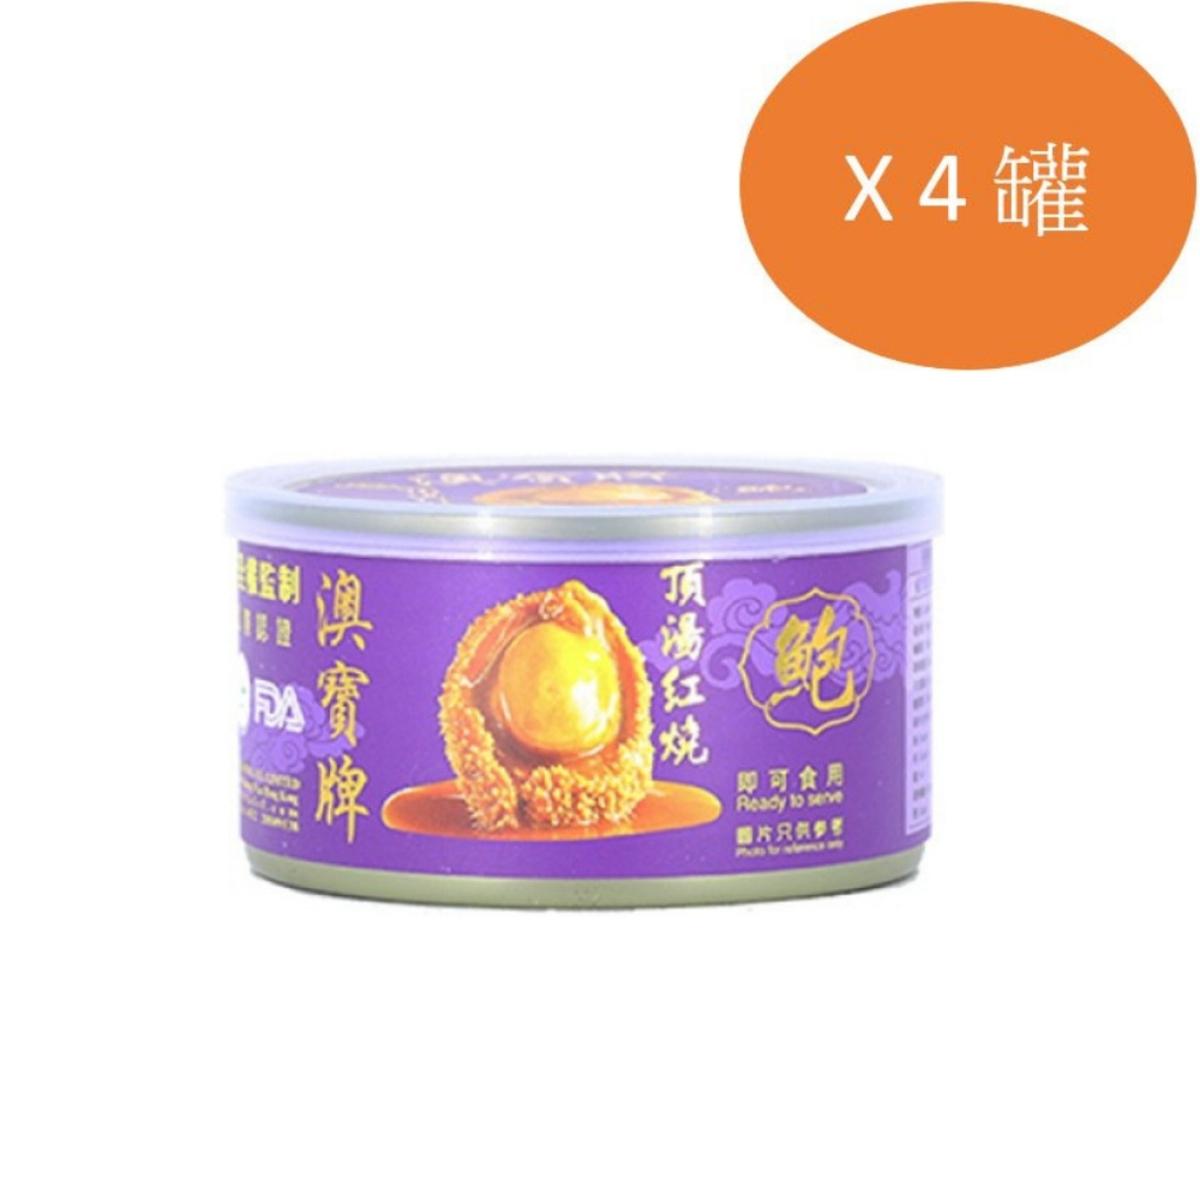 頂湯紅燒鮑魚 6頭 40g Q6 即食鮑魚 x 4罐優惠裝(平均1罐$45)